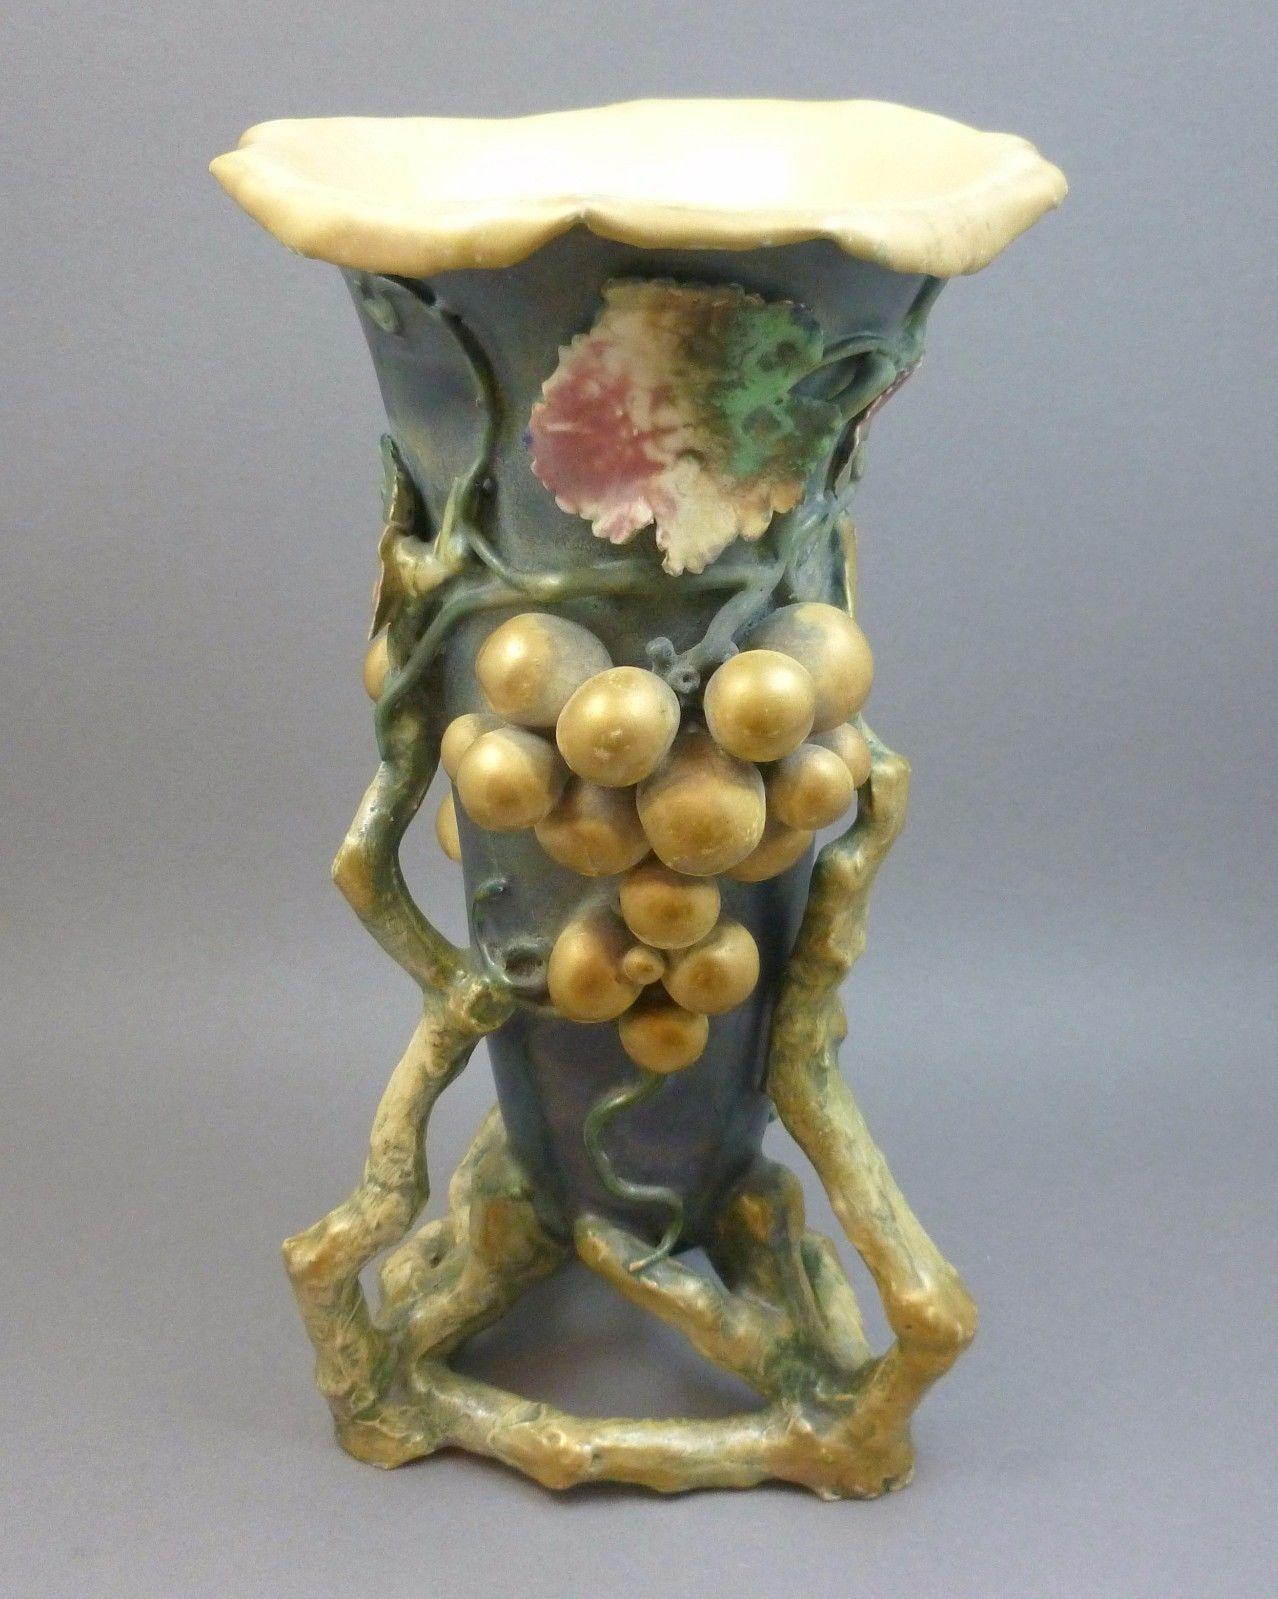 Antique art nouveau amphora art pottery grapes vase turn teplitz antique art nouveau amphora art pottery grapes vase turn teplitz austria bohemia reviewsmspy